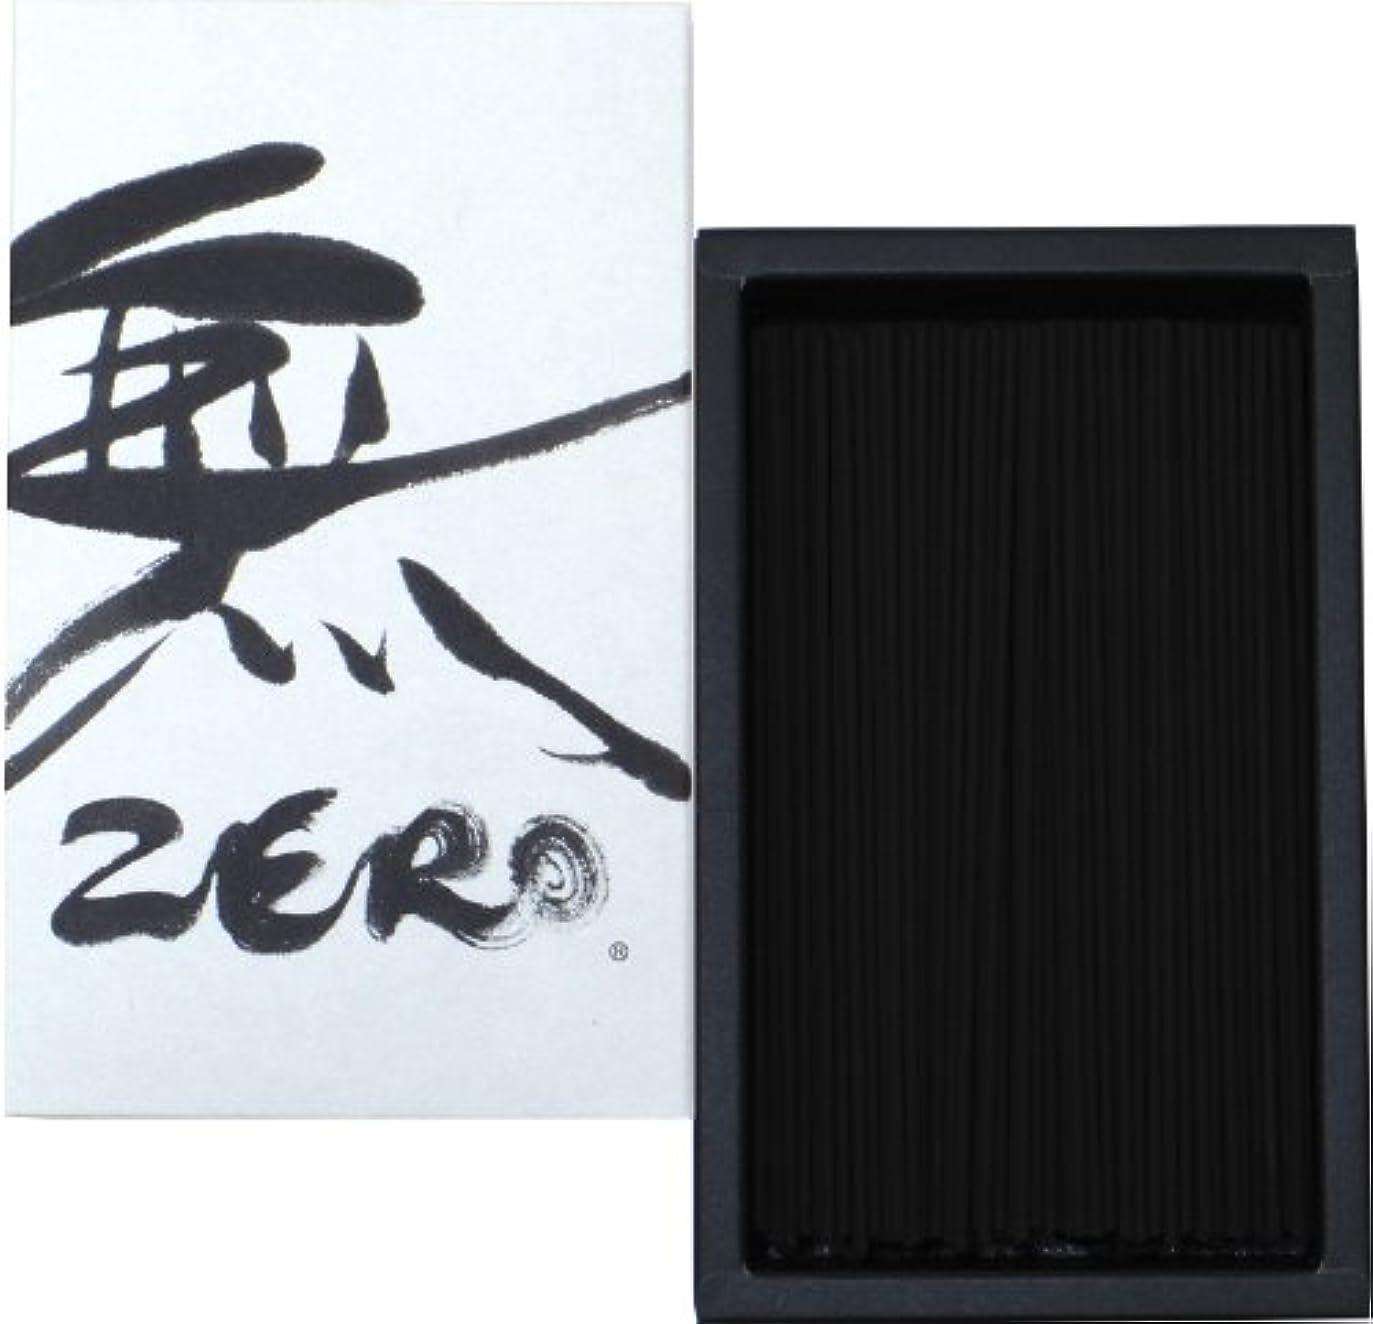 生息地ベアリング音楽家丸叶むらたのお線香 無 ZERO(ゼロ)大バラ 約160g #ZR-01